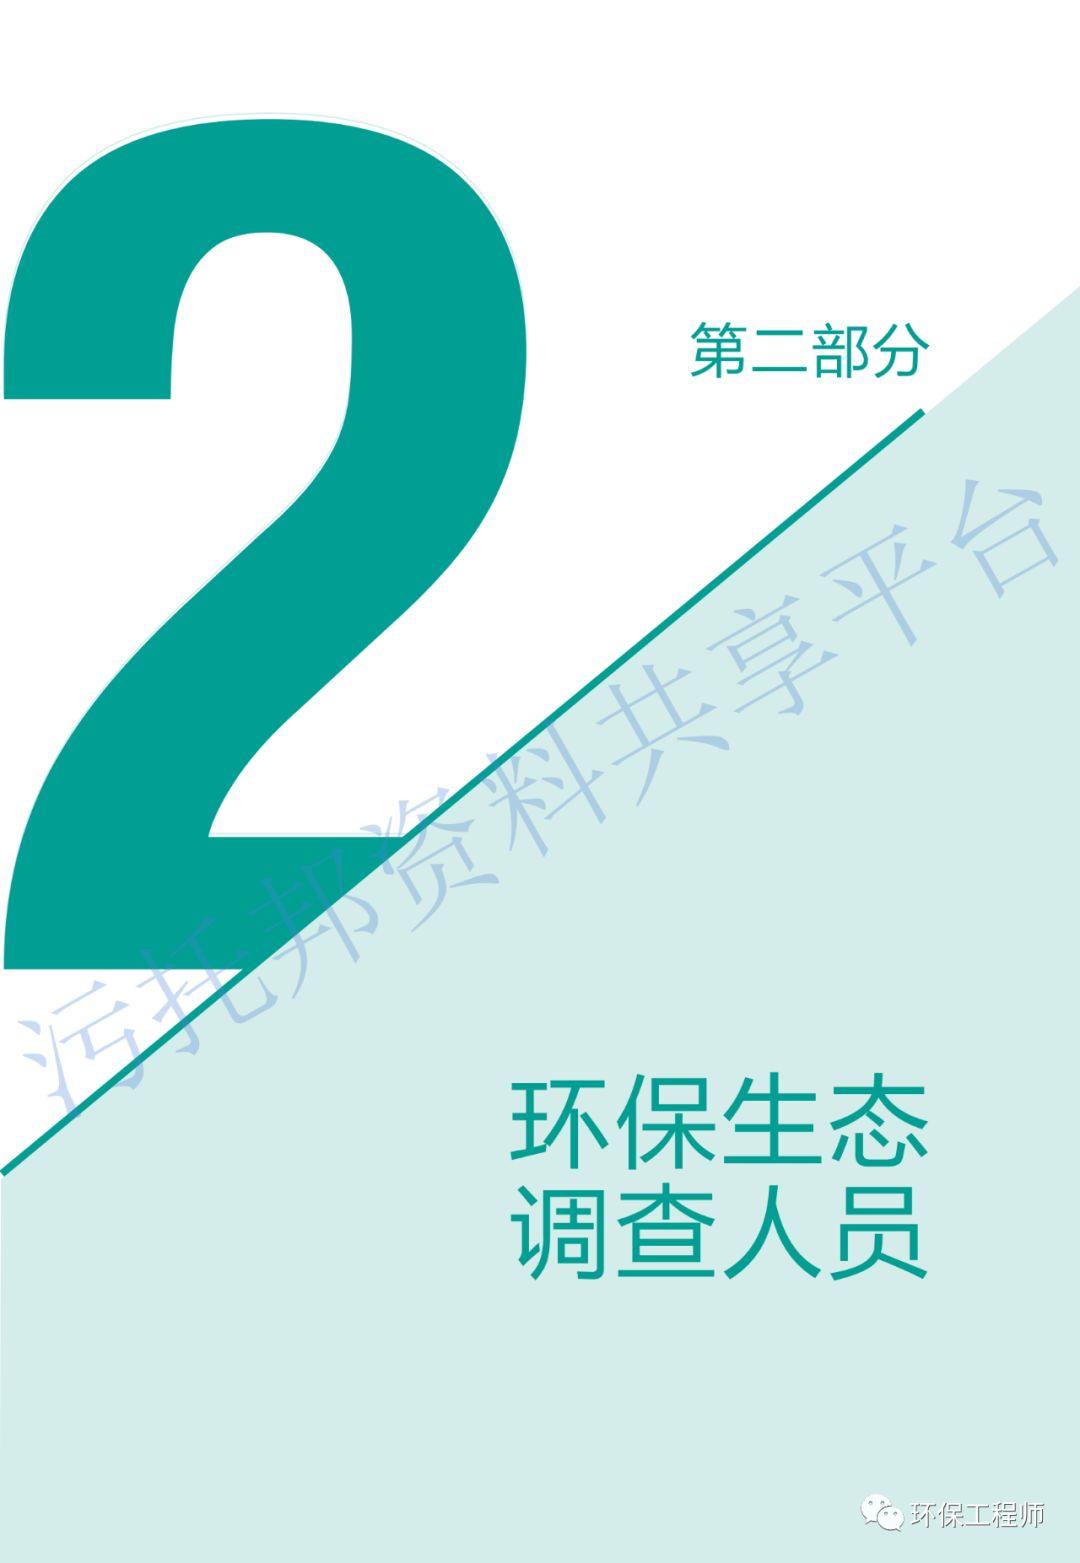 《环保从业人员新型冠状病毒疫情防护手册》_7